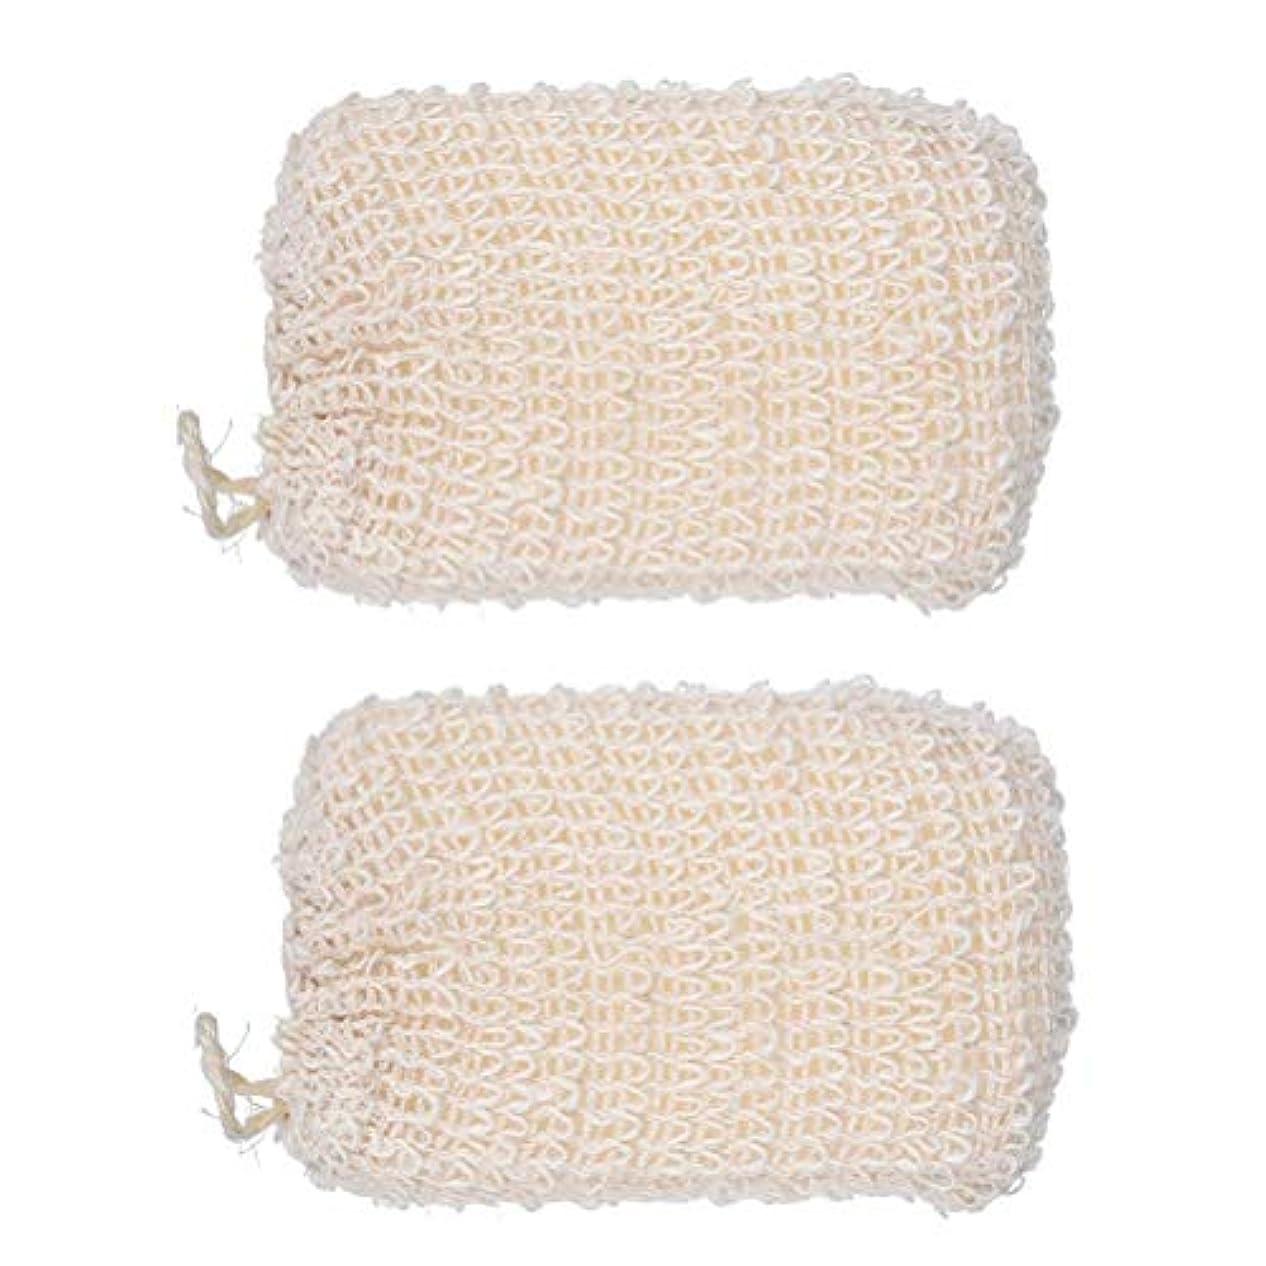 ページェント薬衝突するBeaupretty 2ピース風呂スポンジ植物綿とリネン風呂ブラシ柔らかい風呂スポンジスクラバー用女性赤ちゃん子供(ベージュ)